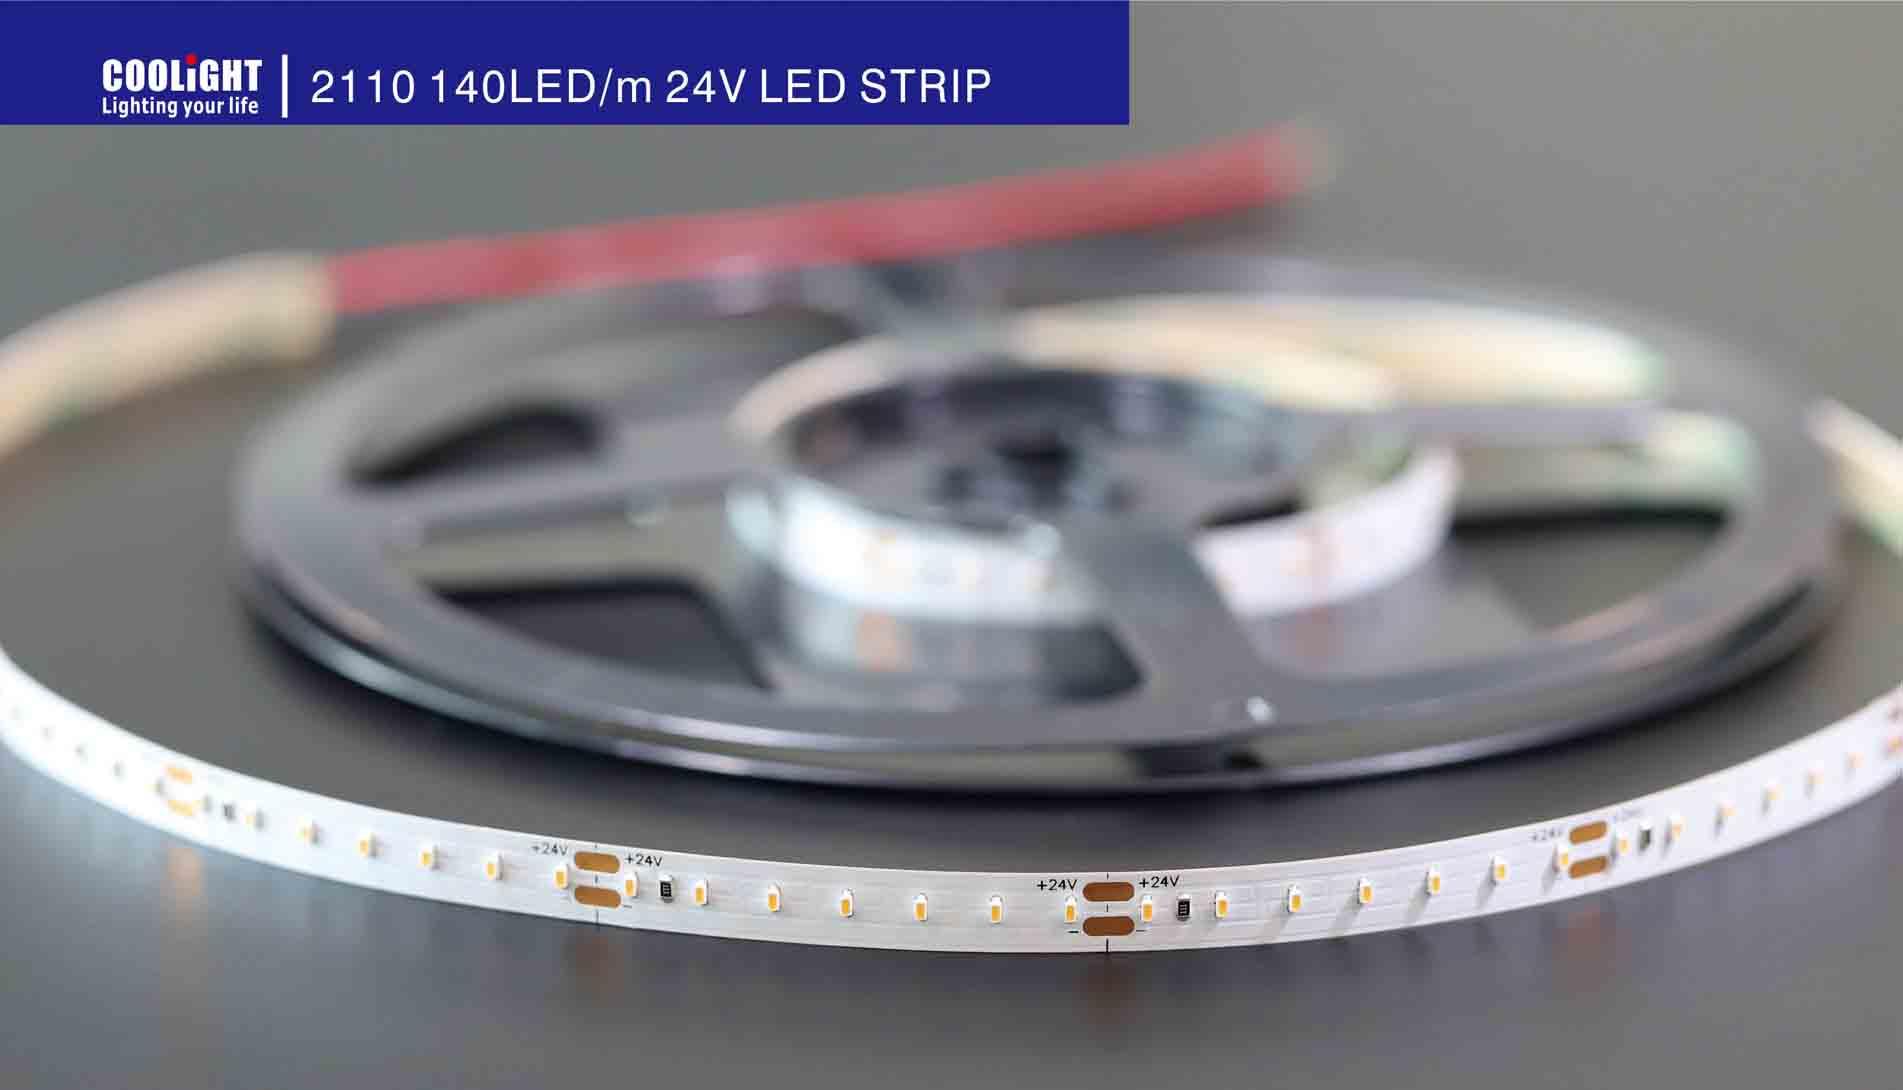 2110 140led/m 24v led strip